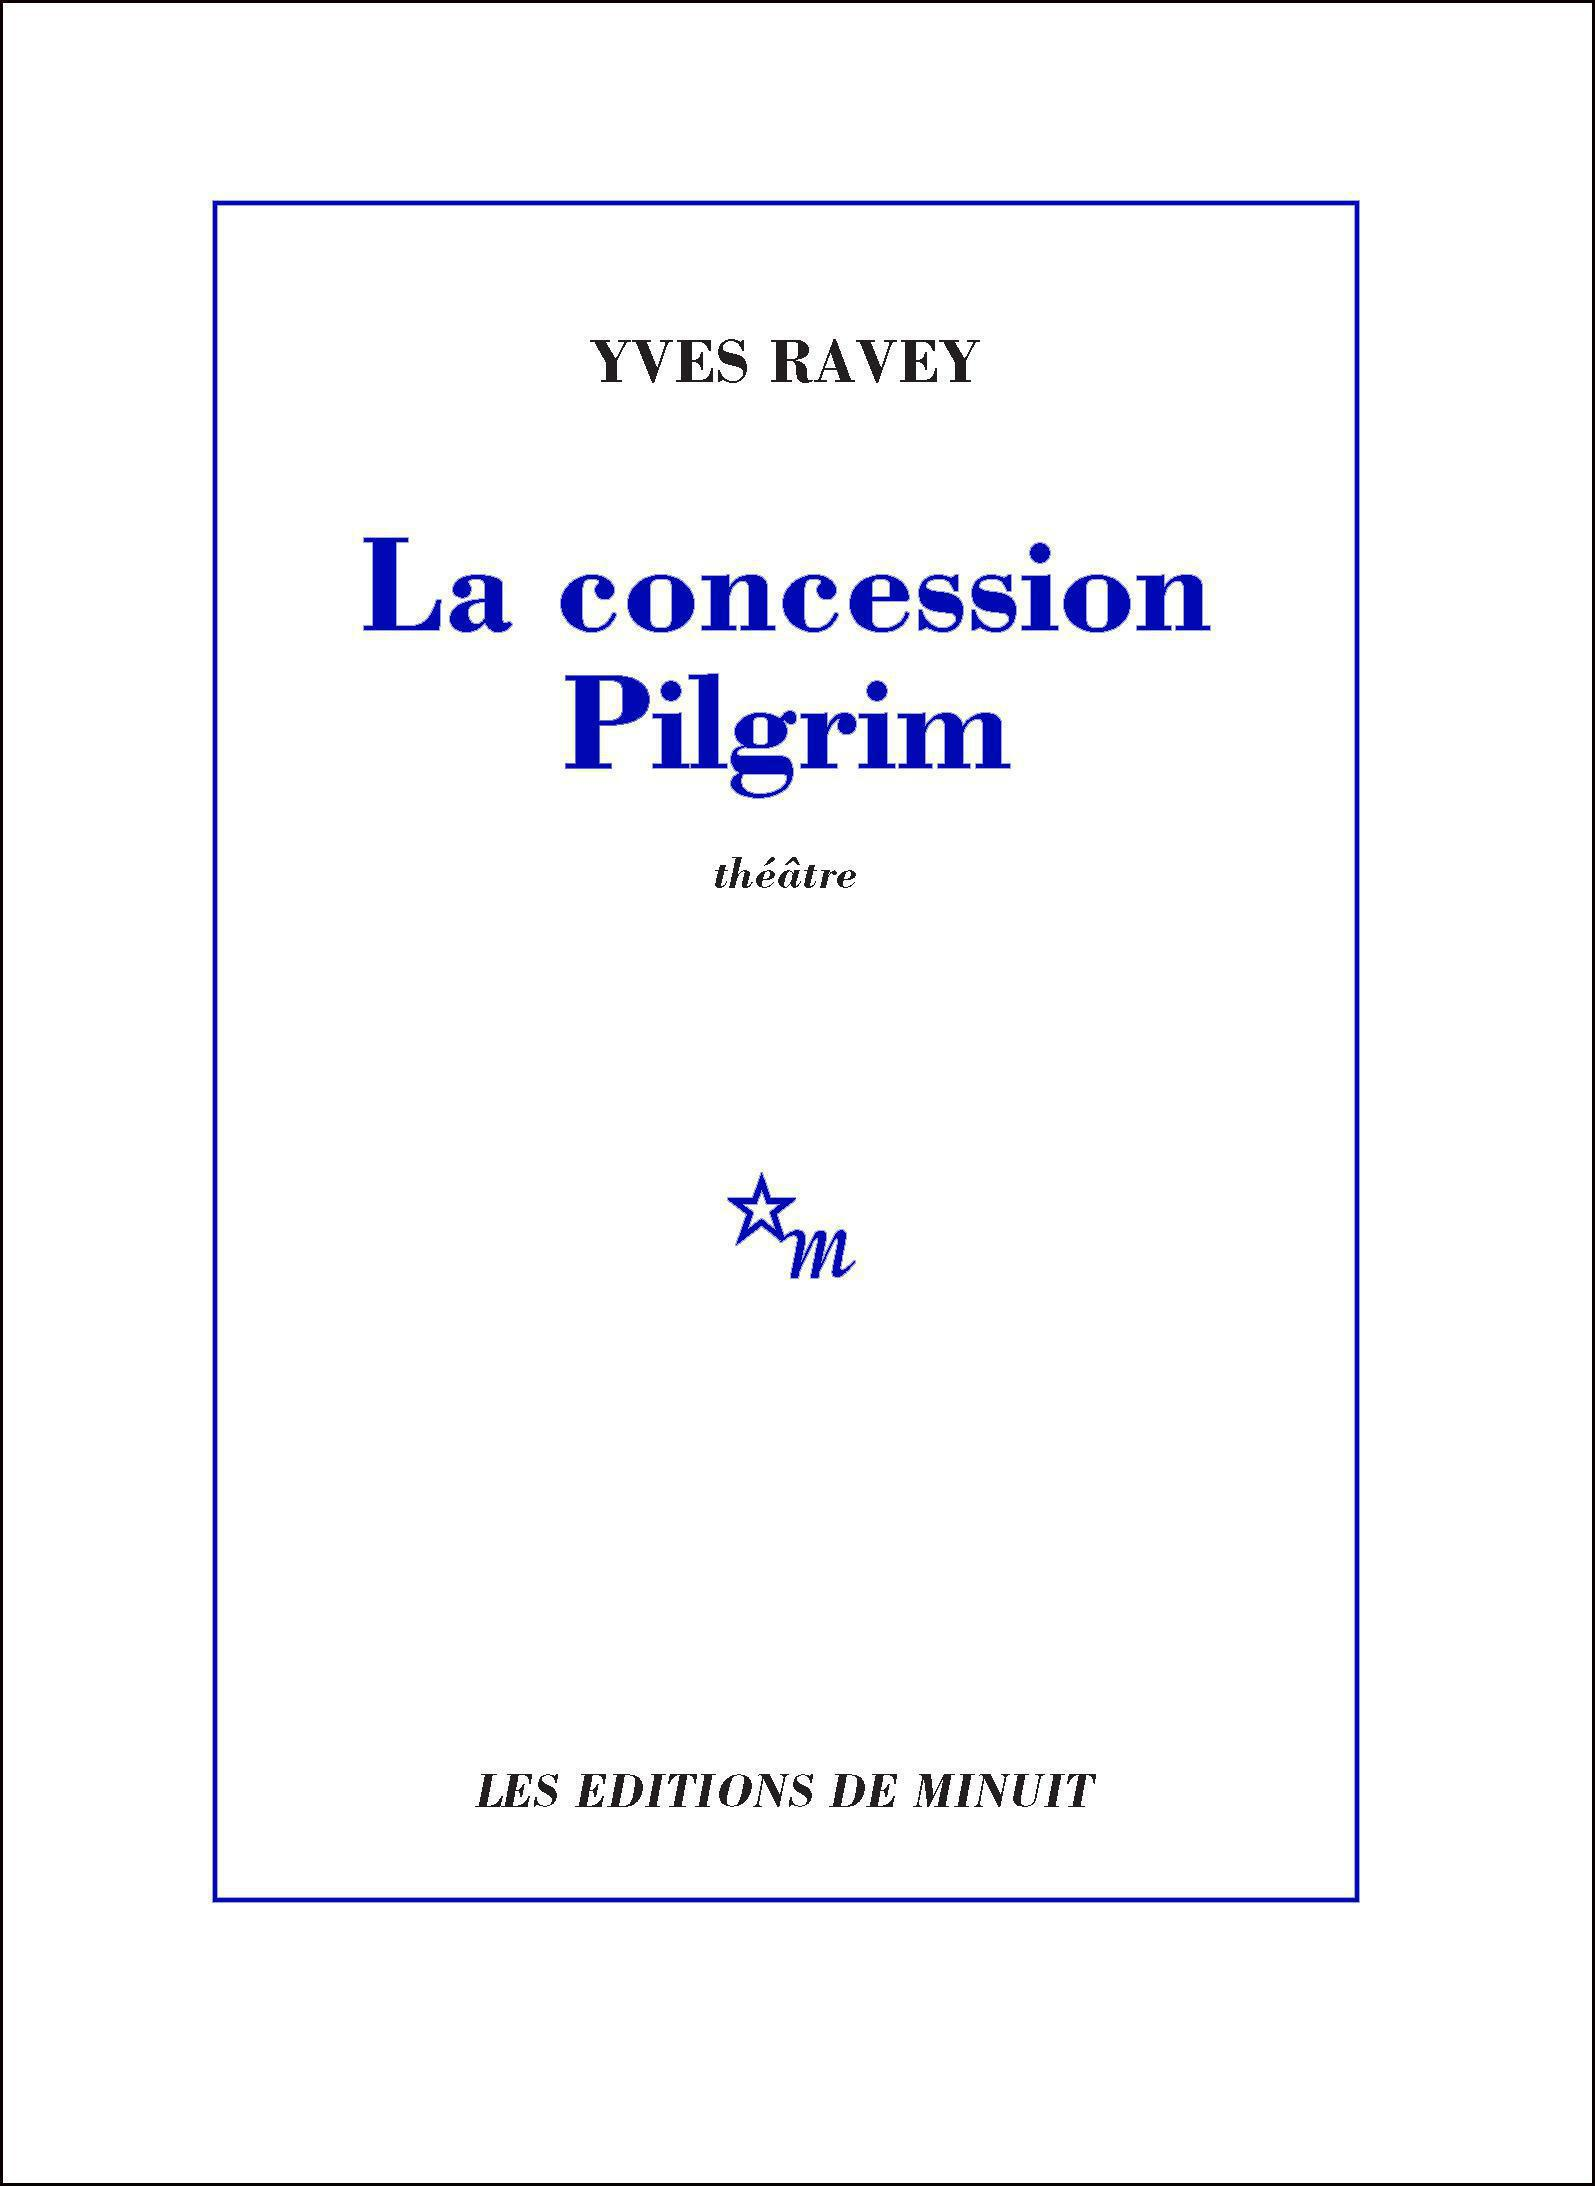 La Concession Pilgrim